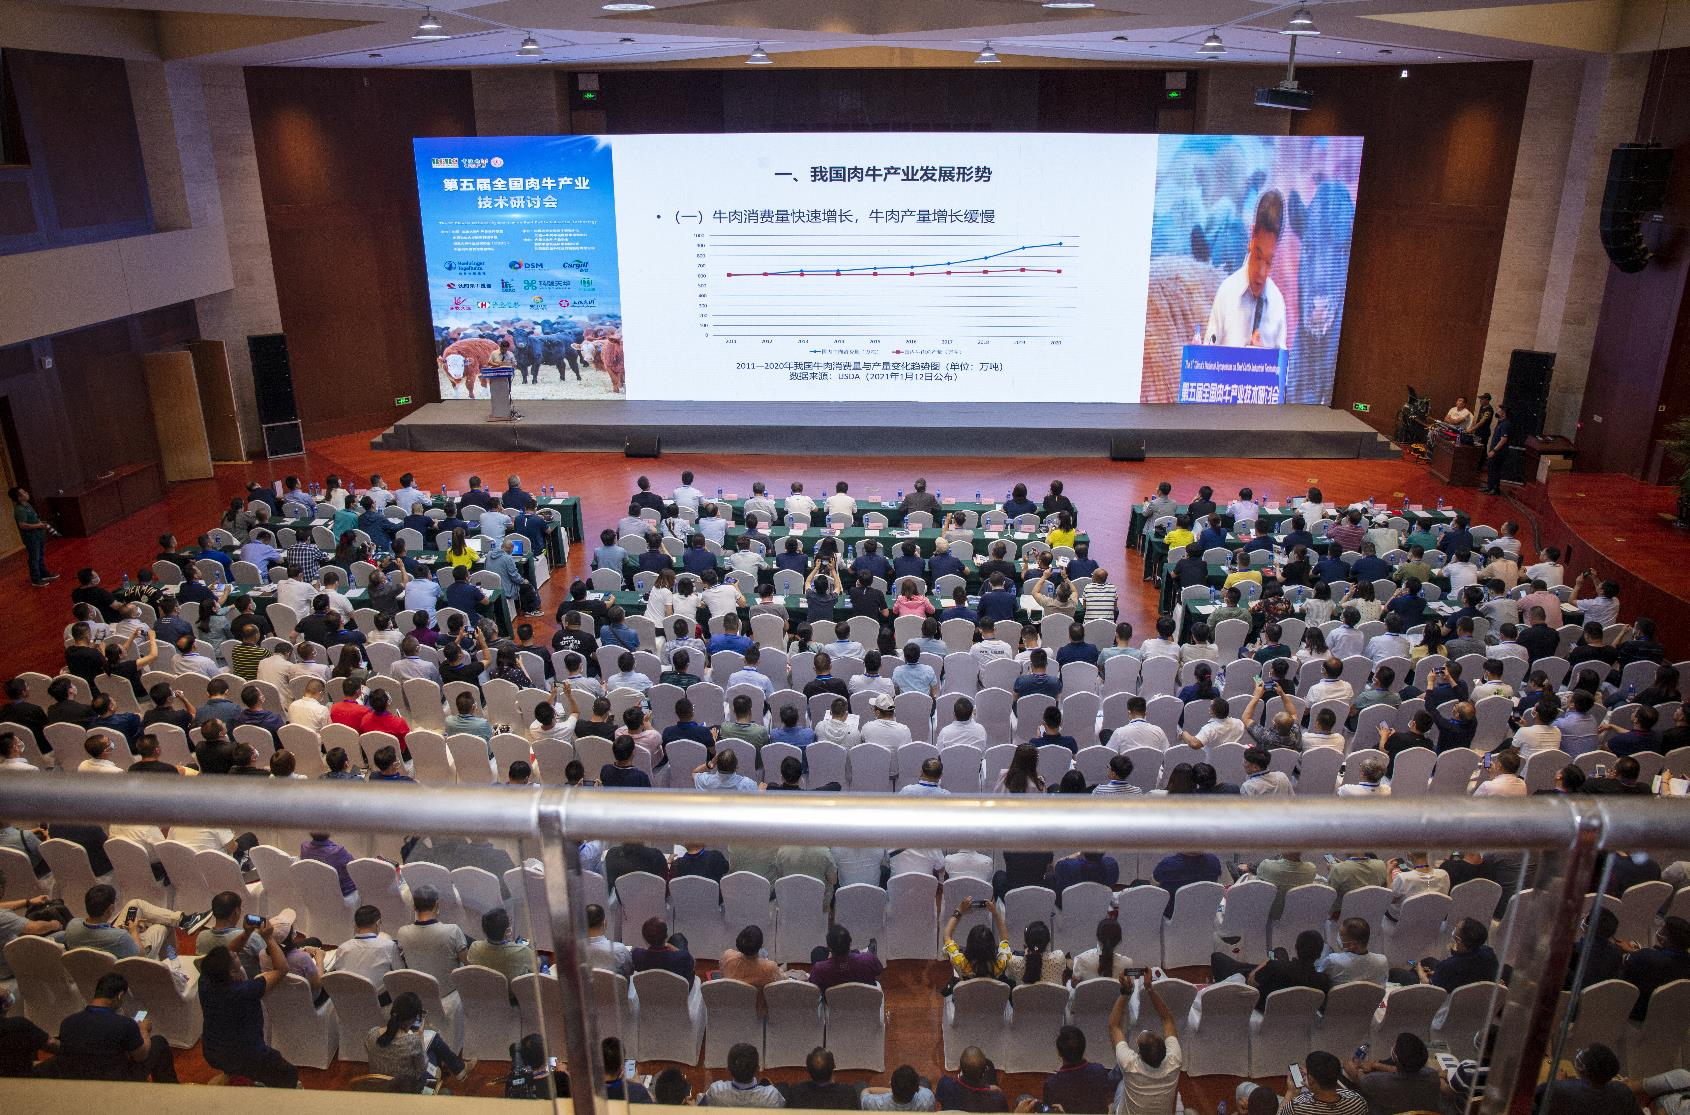 第五届全国肉牛产业技术研讨会在内蒙古赤峰市举行